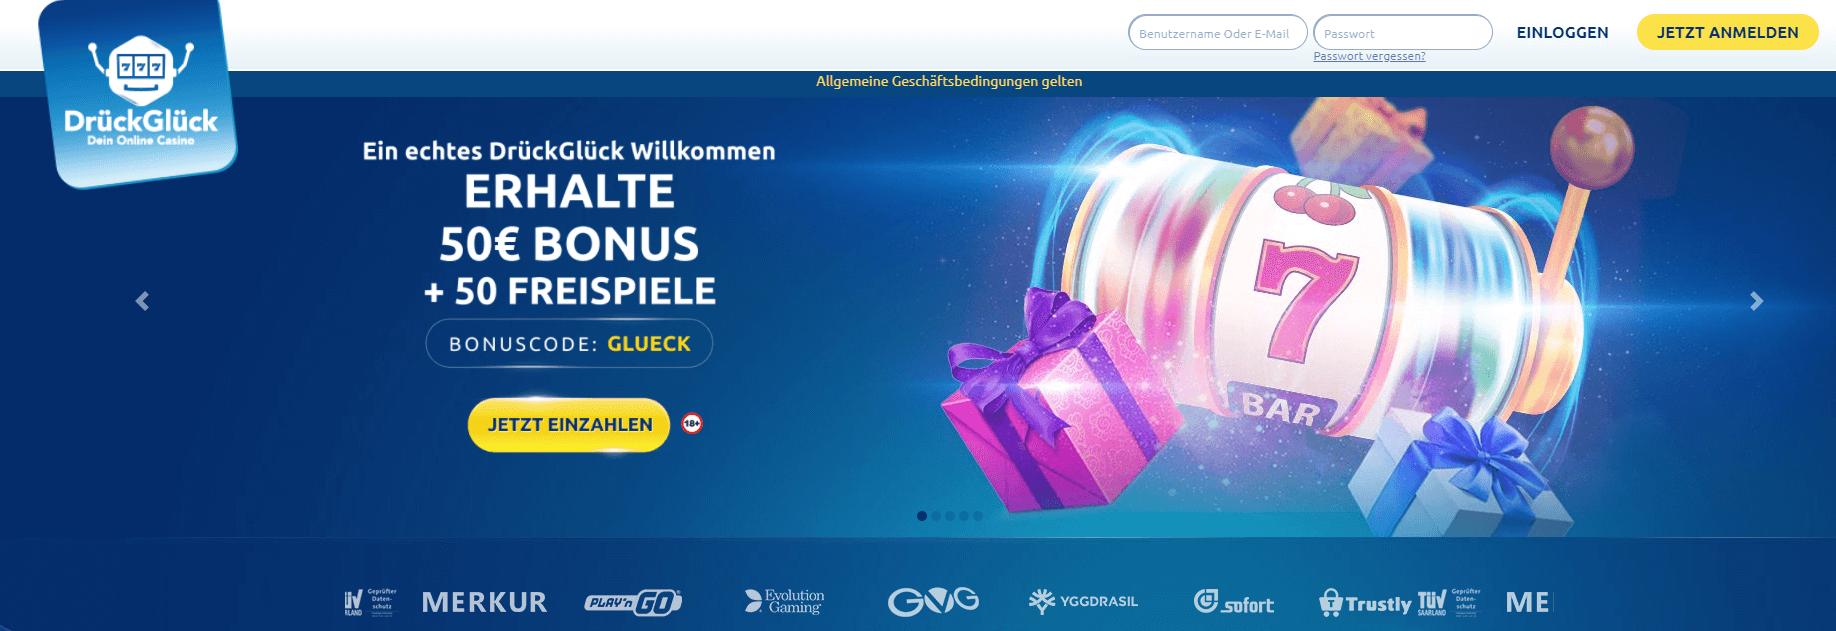 Nutzen Sie den unglaublichen DrückGlück Bonus und spielen Sie in der Vielfalt der Spiele, die das DrückGlück Casino Deutschland zu bieten hat